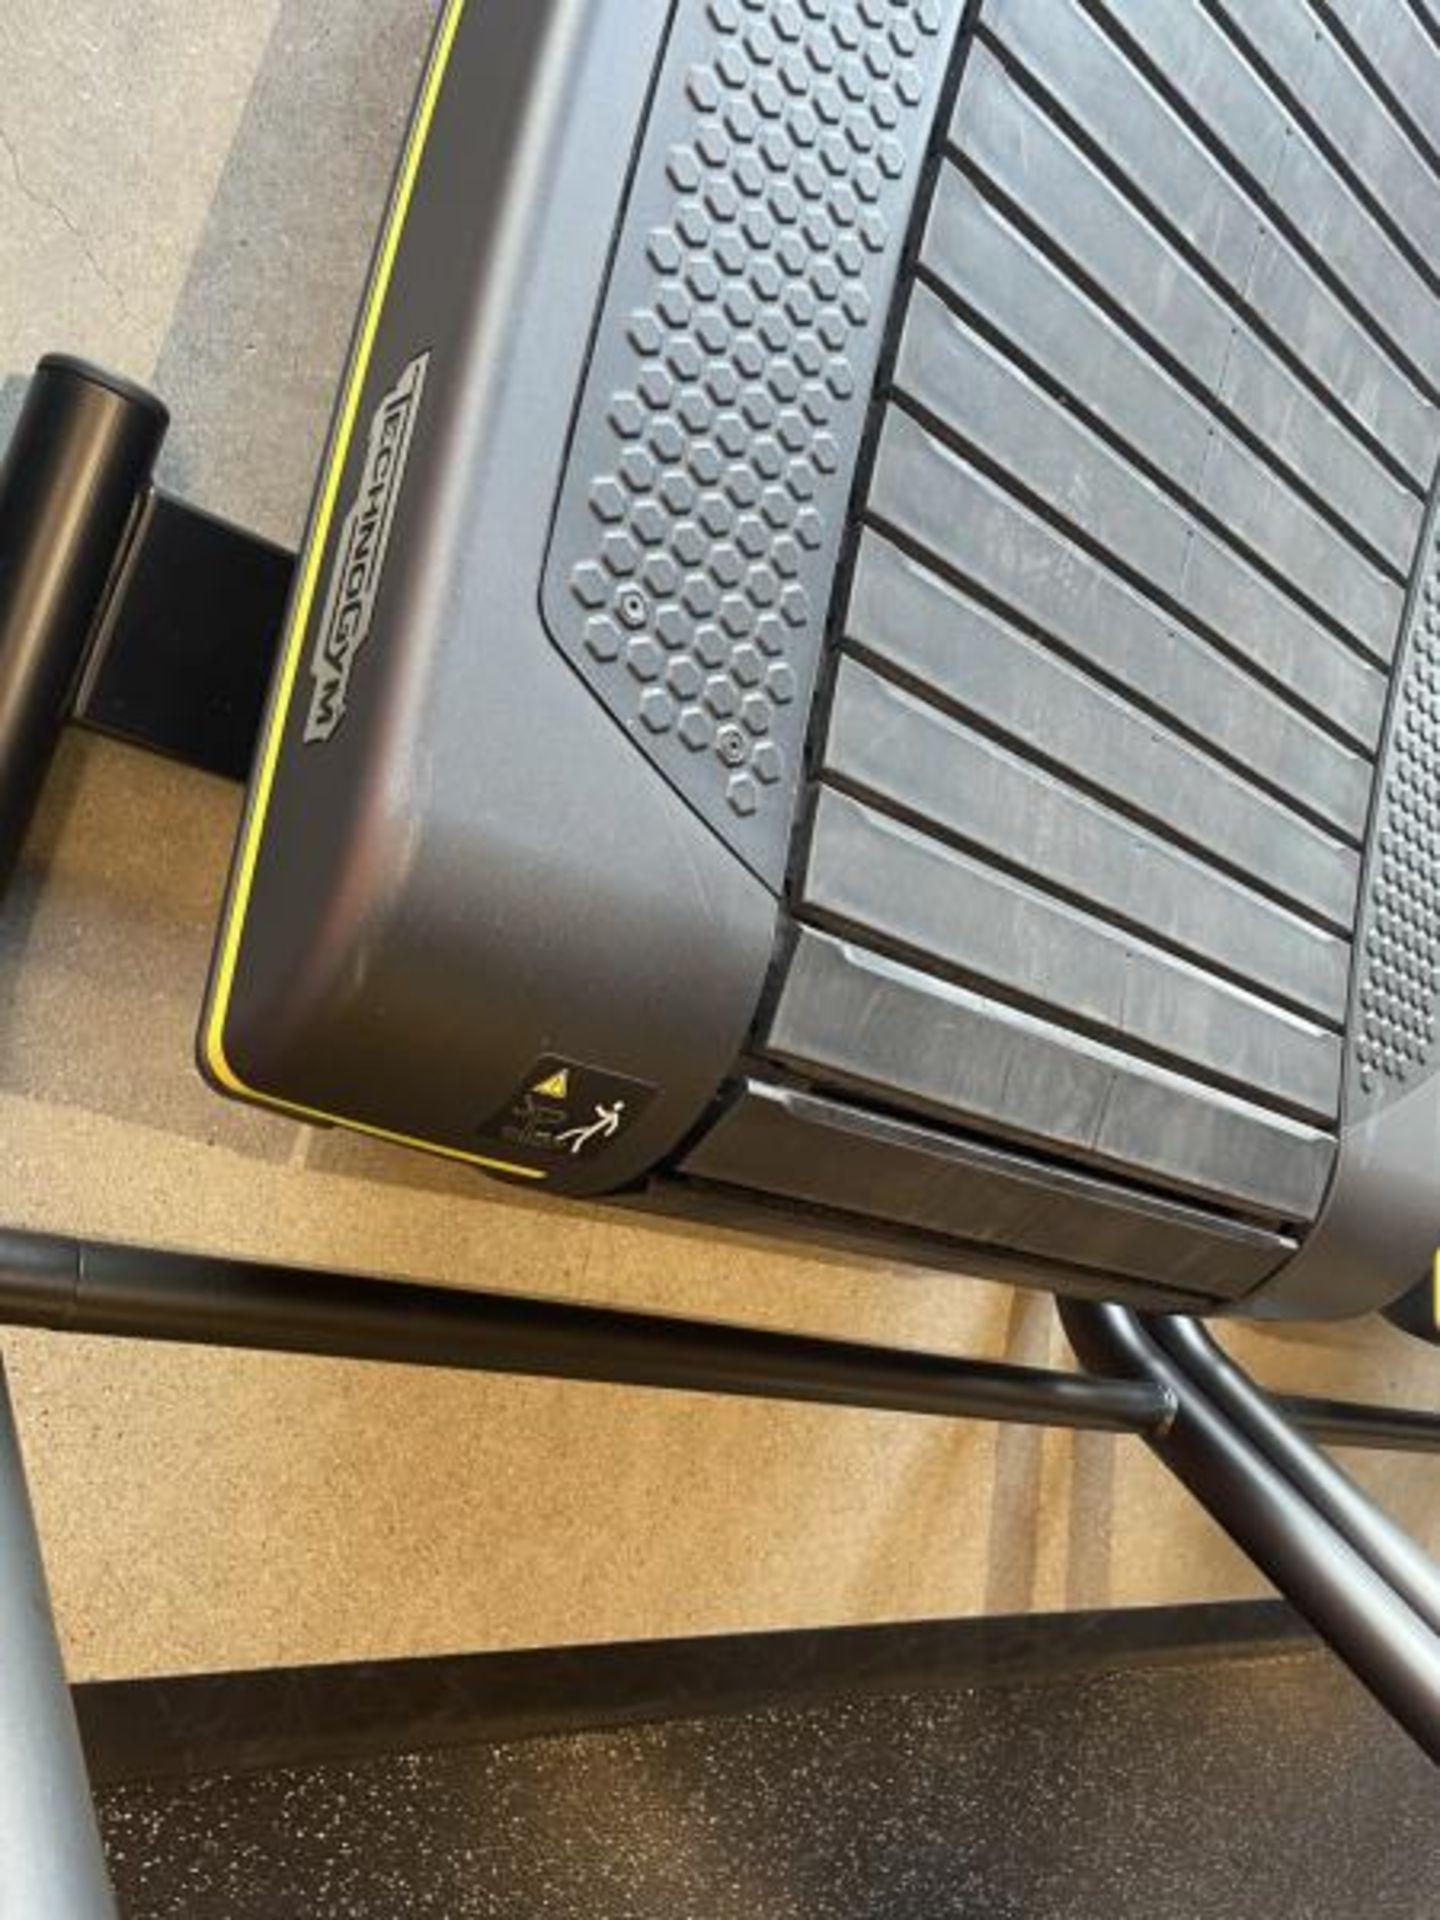 Technogym Skill Mill M: DJK14D - Image 4 of 5